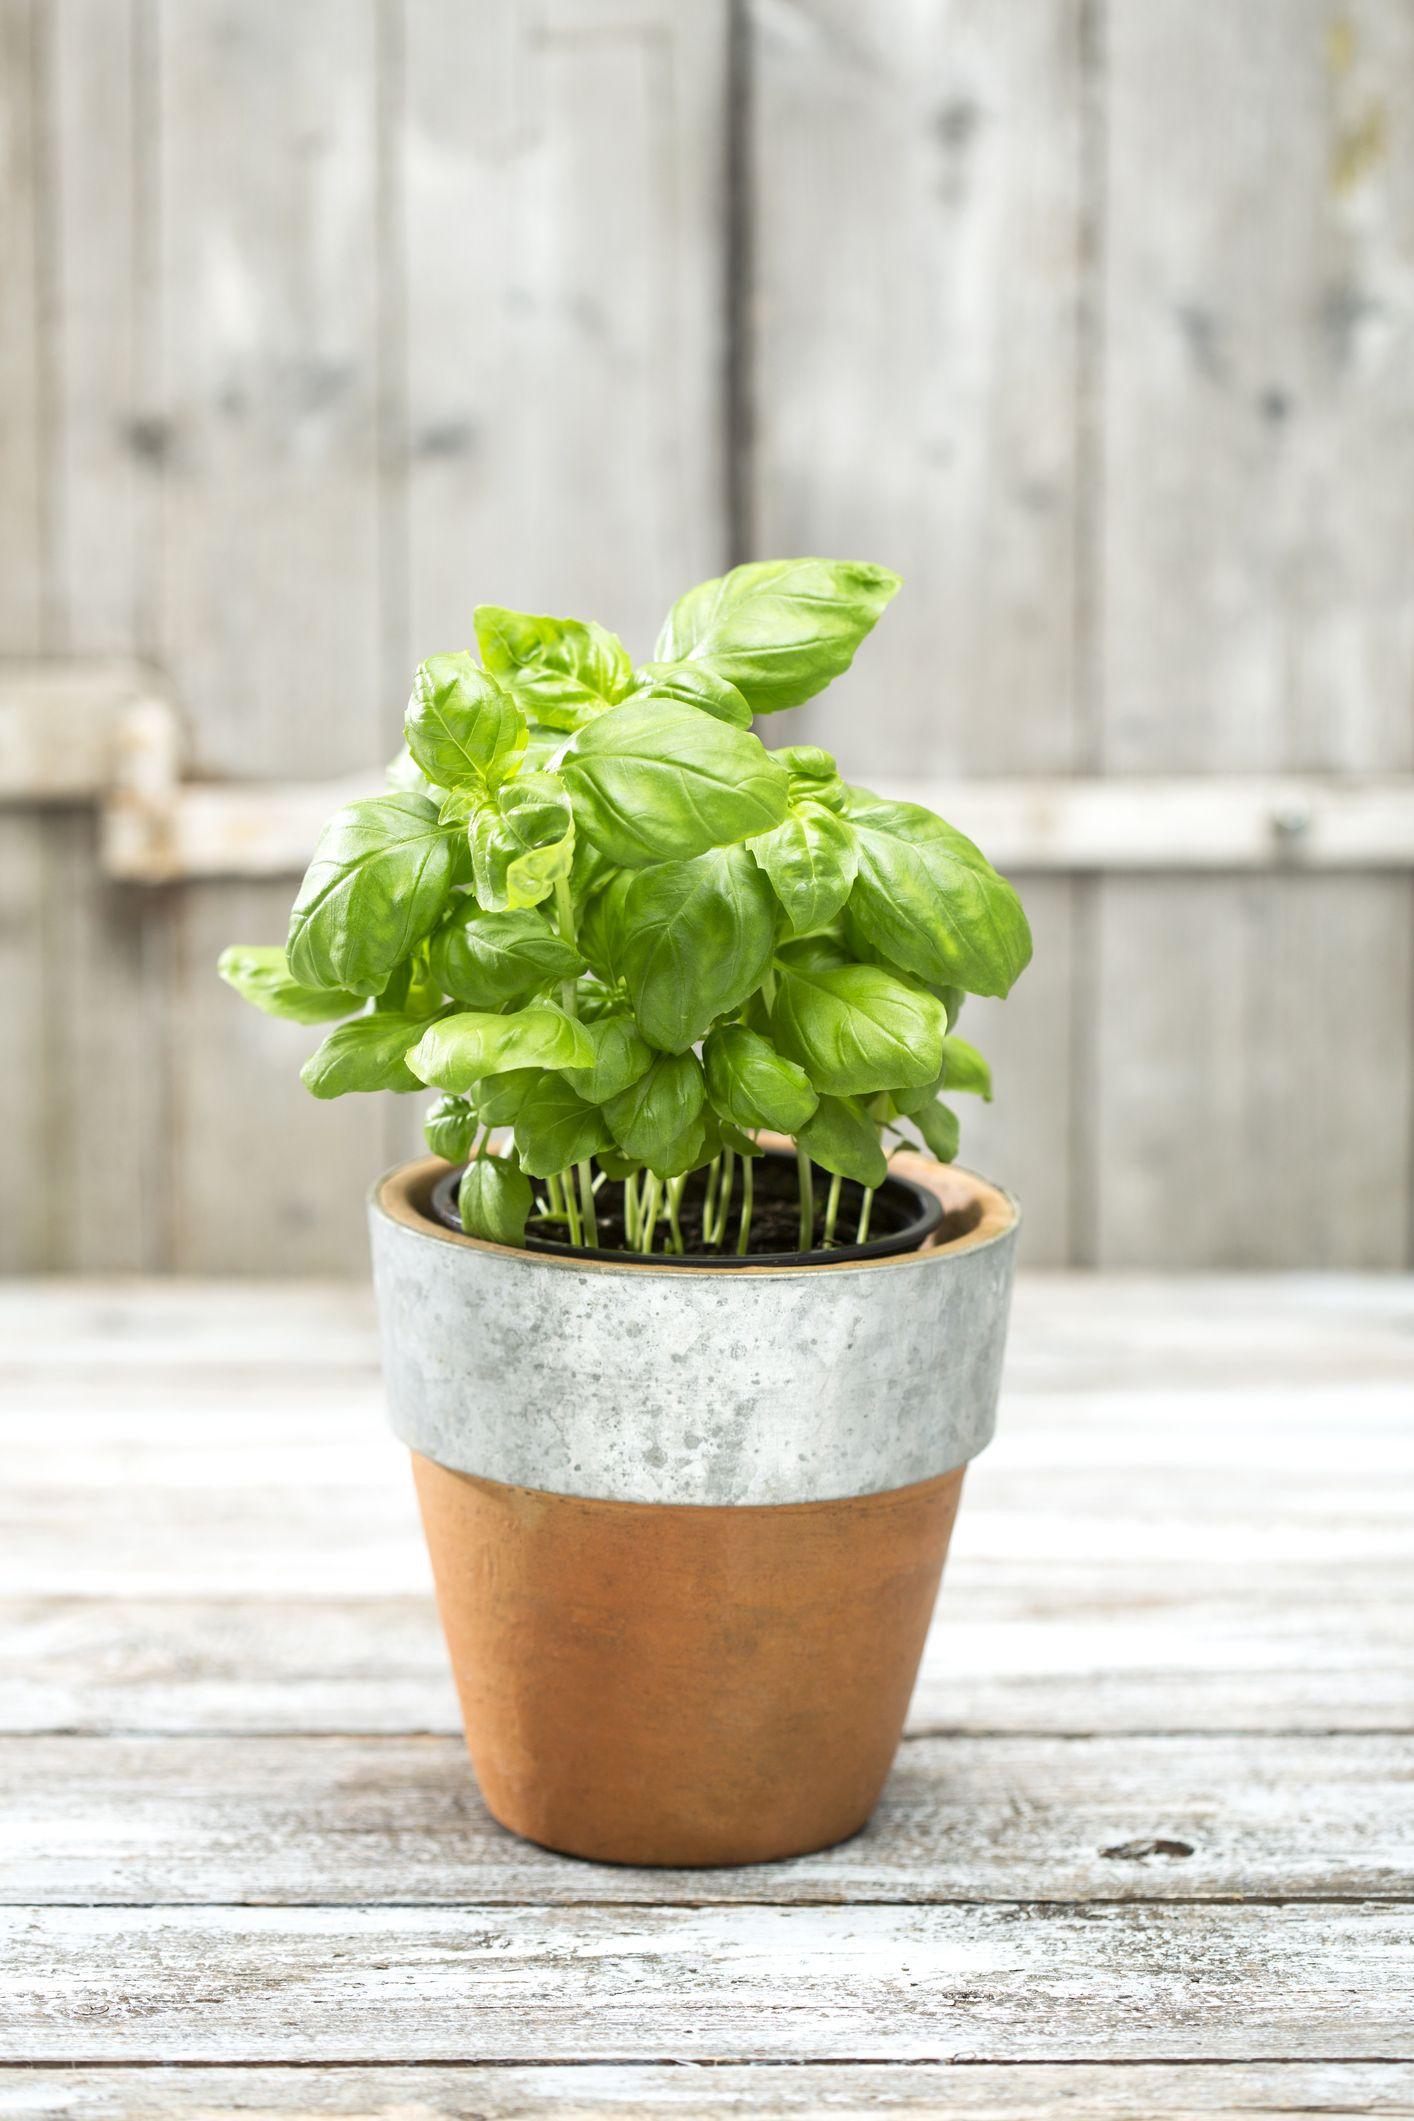 Épinglé sur Plantes aromatiques